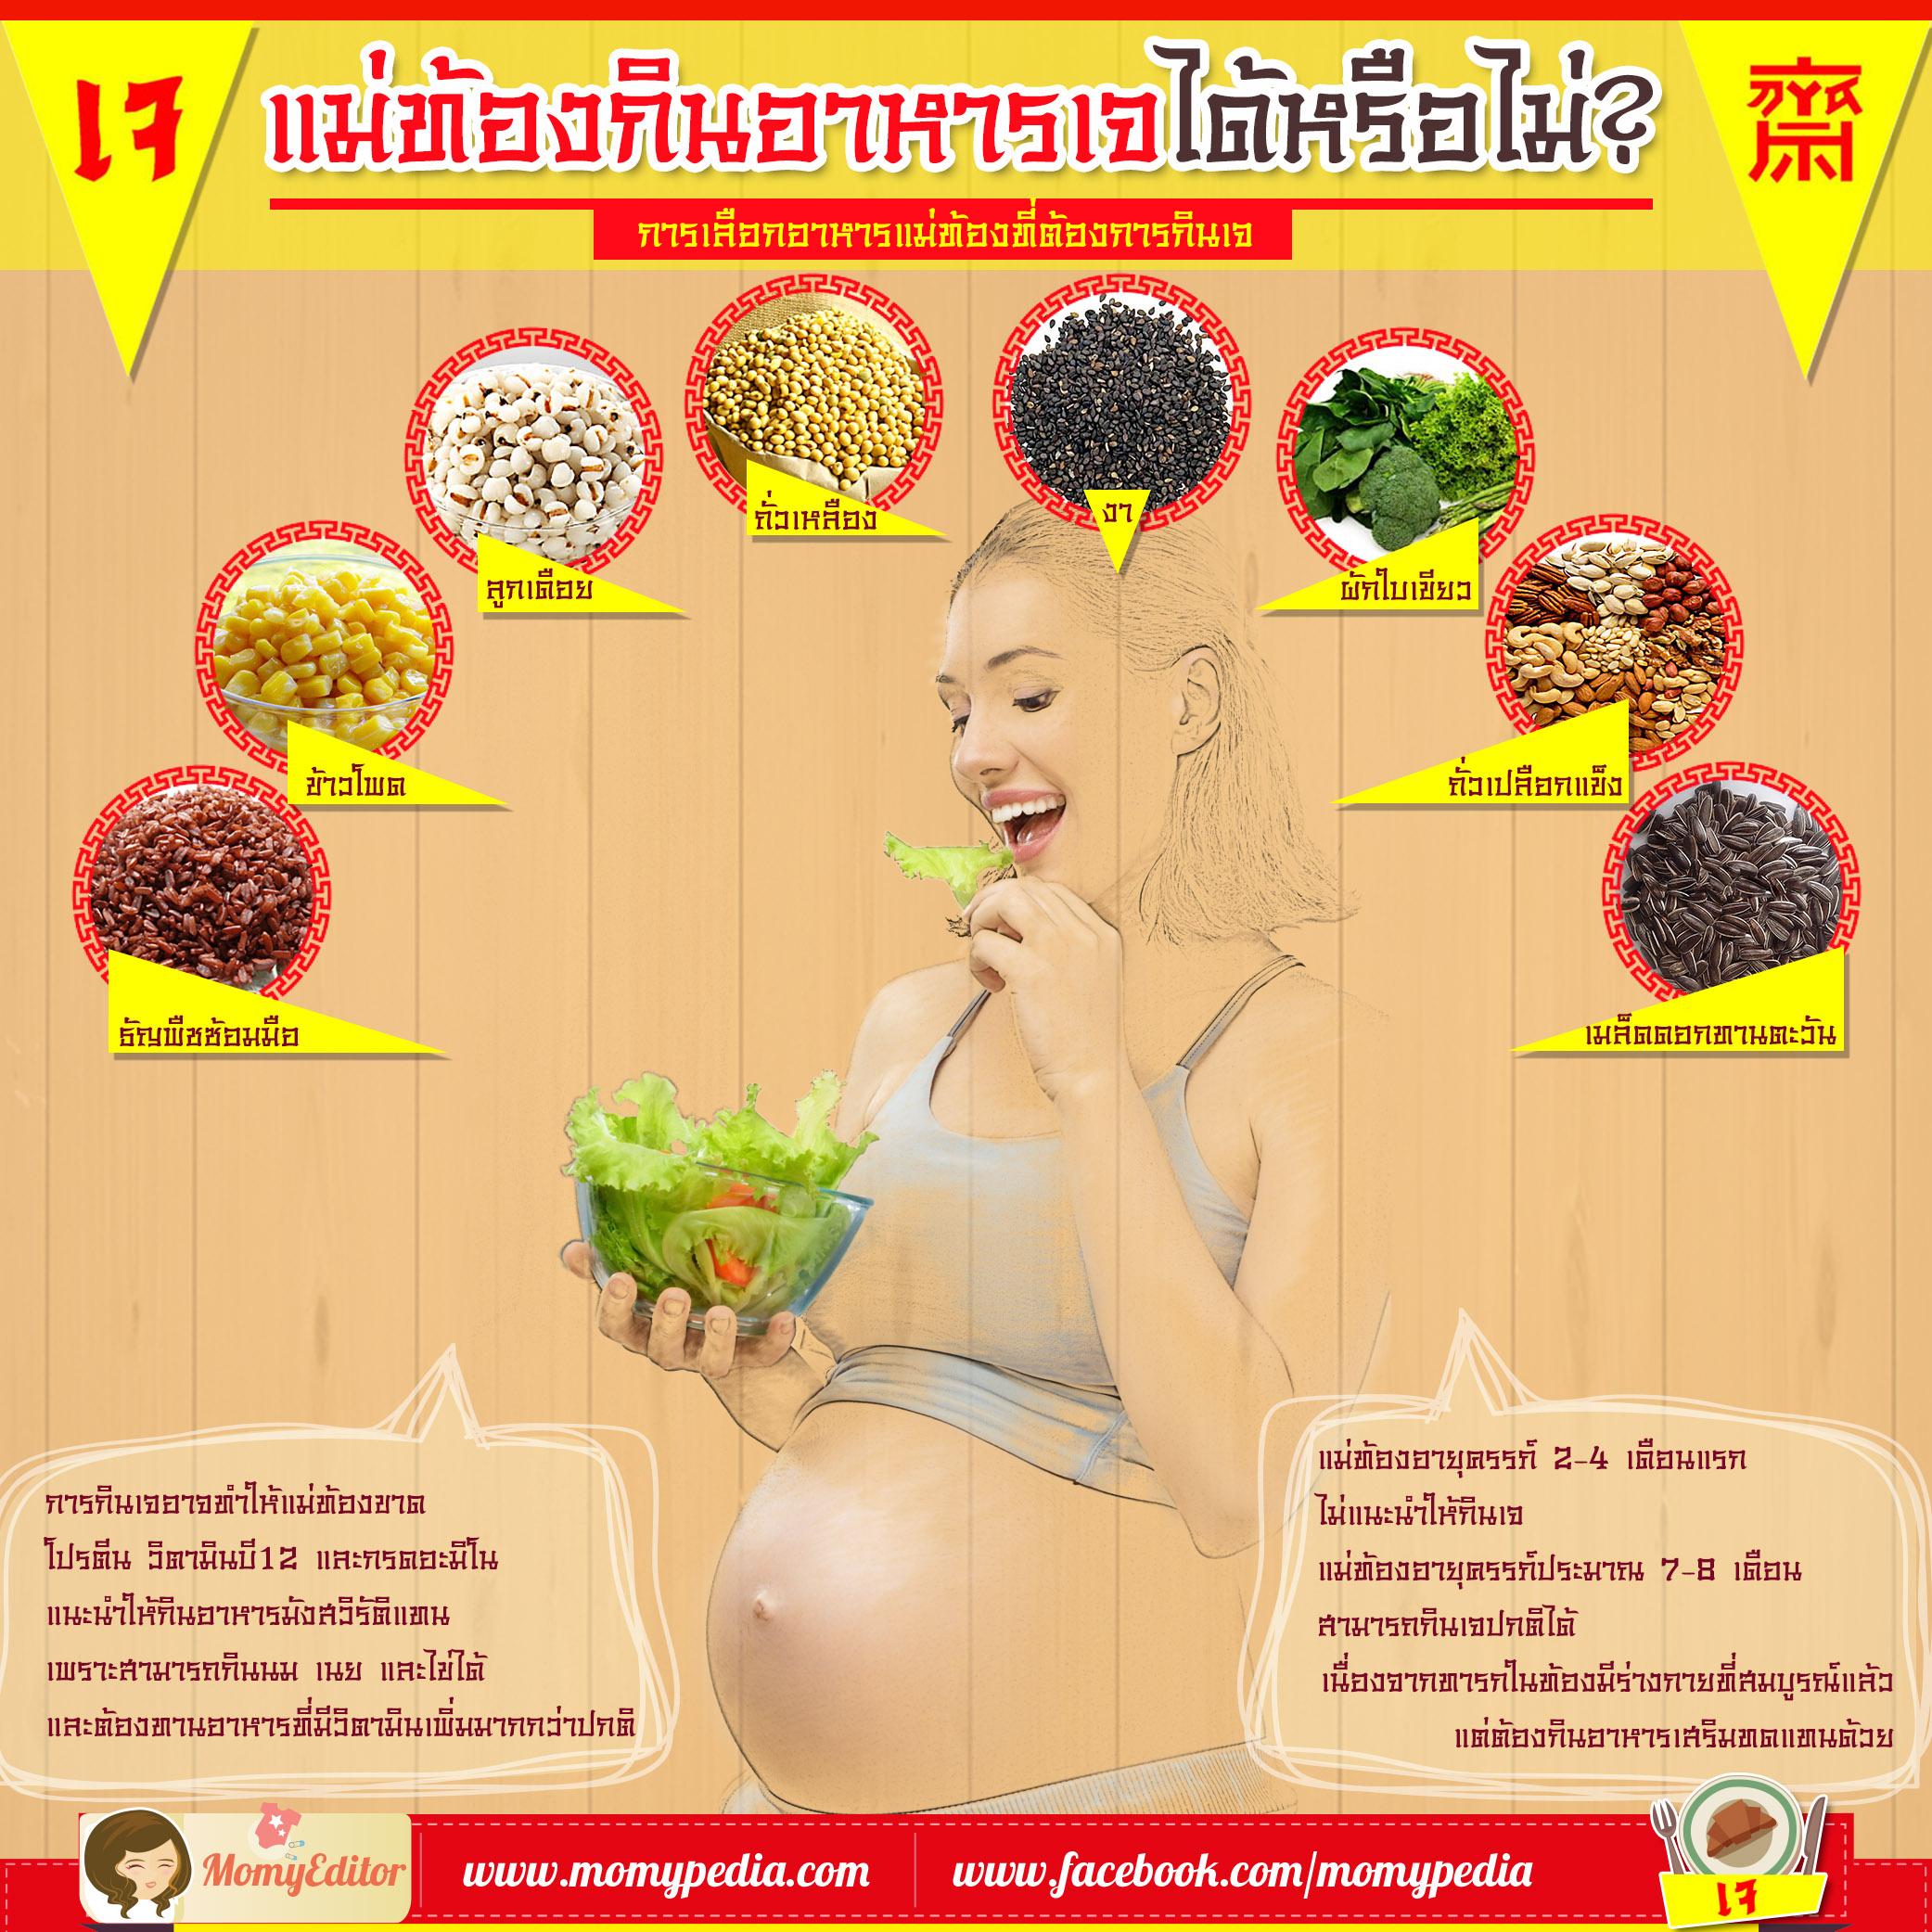 กินเจ, อาหารเจ, เทศกาลกินเจ, อาหารเจกับแม่ท้อง, แม่ตั้งครรภ์, อาหารมังสวิรัติ, มังสวิรัติ, อาหารเสริม, วิตามิน, แม่ท้องกินเจ, infographic, อินโฟกราฟฟิค, อินโฟกราฟฟิก